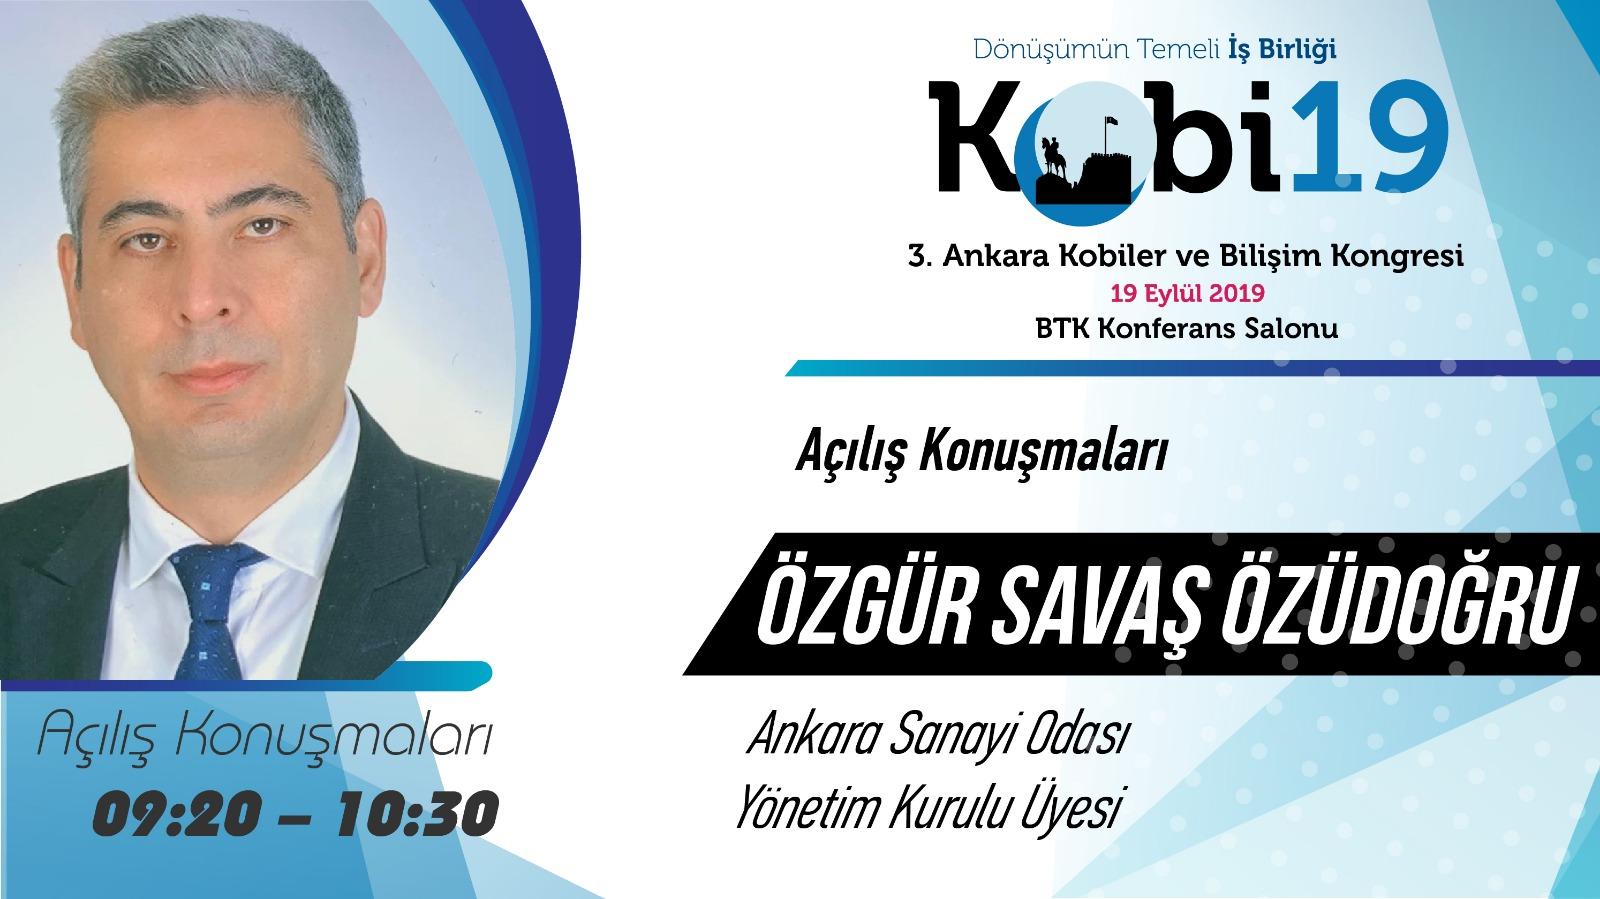 Özgür Savaş Özüdoğru - 3. Ankara Kobiler ve Bilişim Kongresi 2019